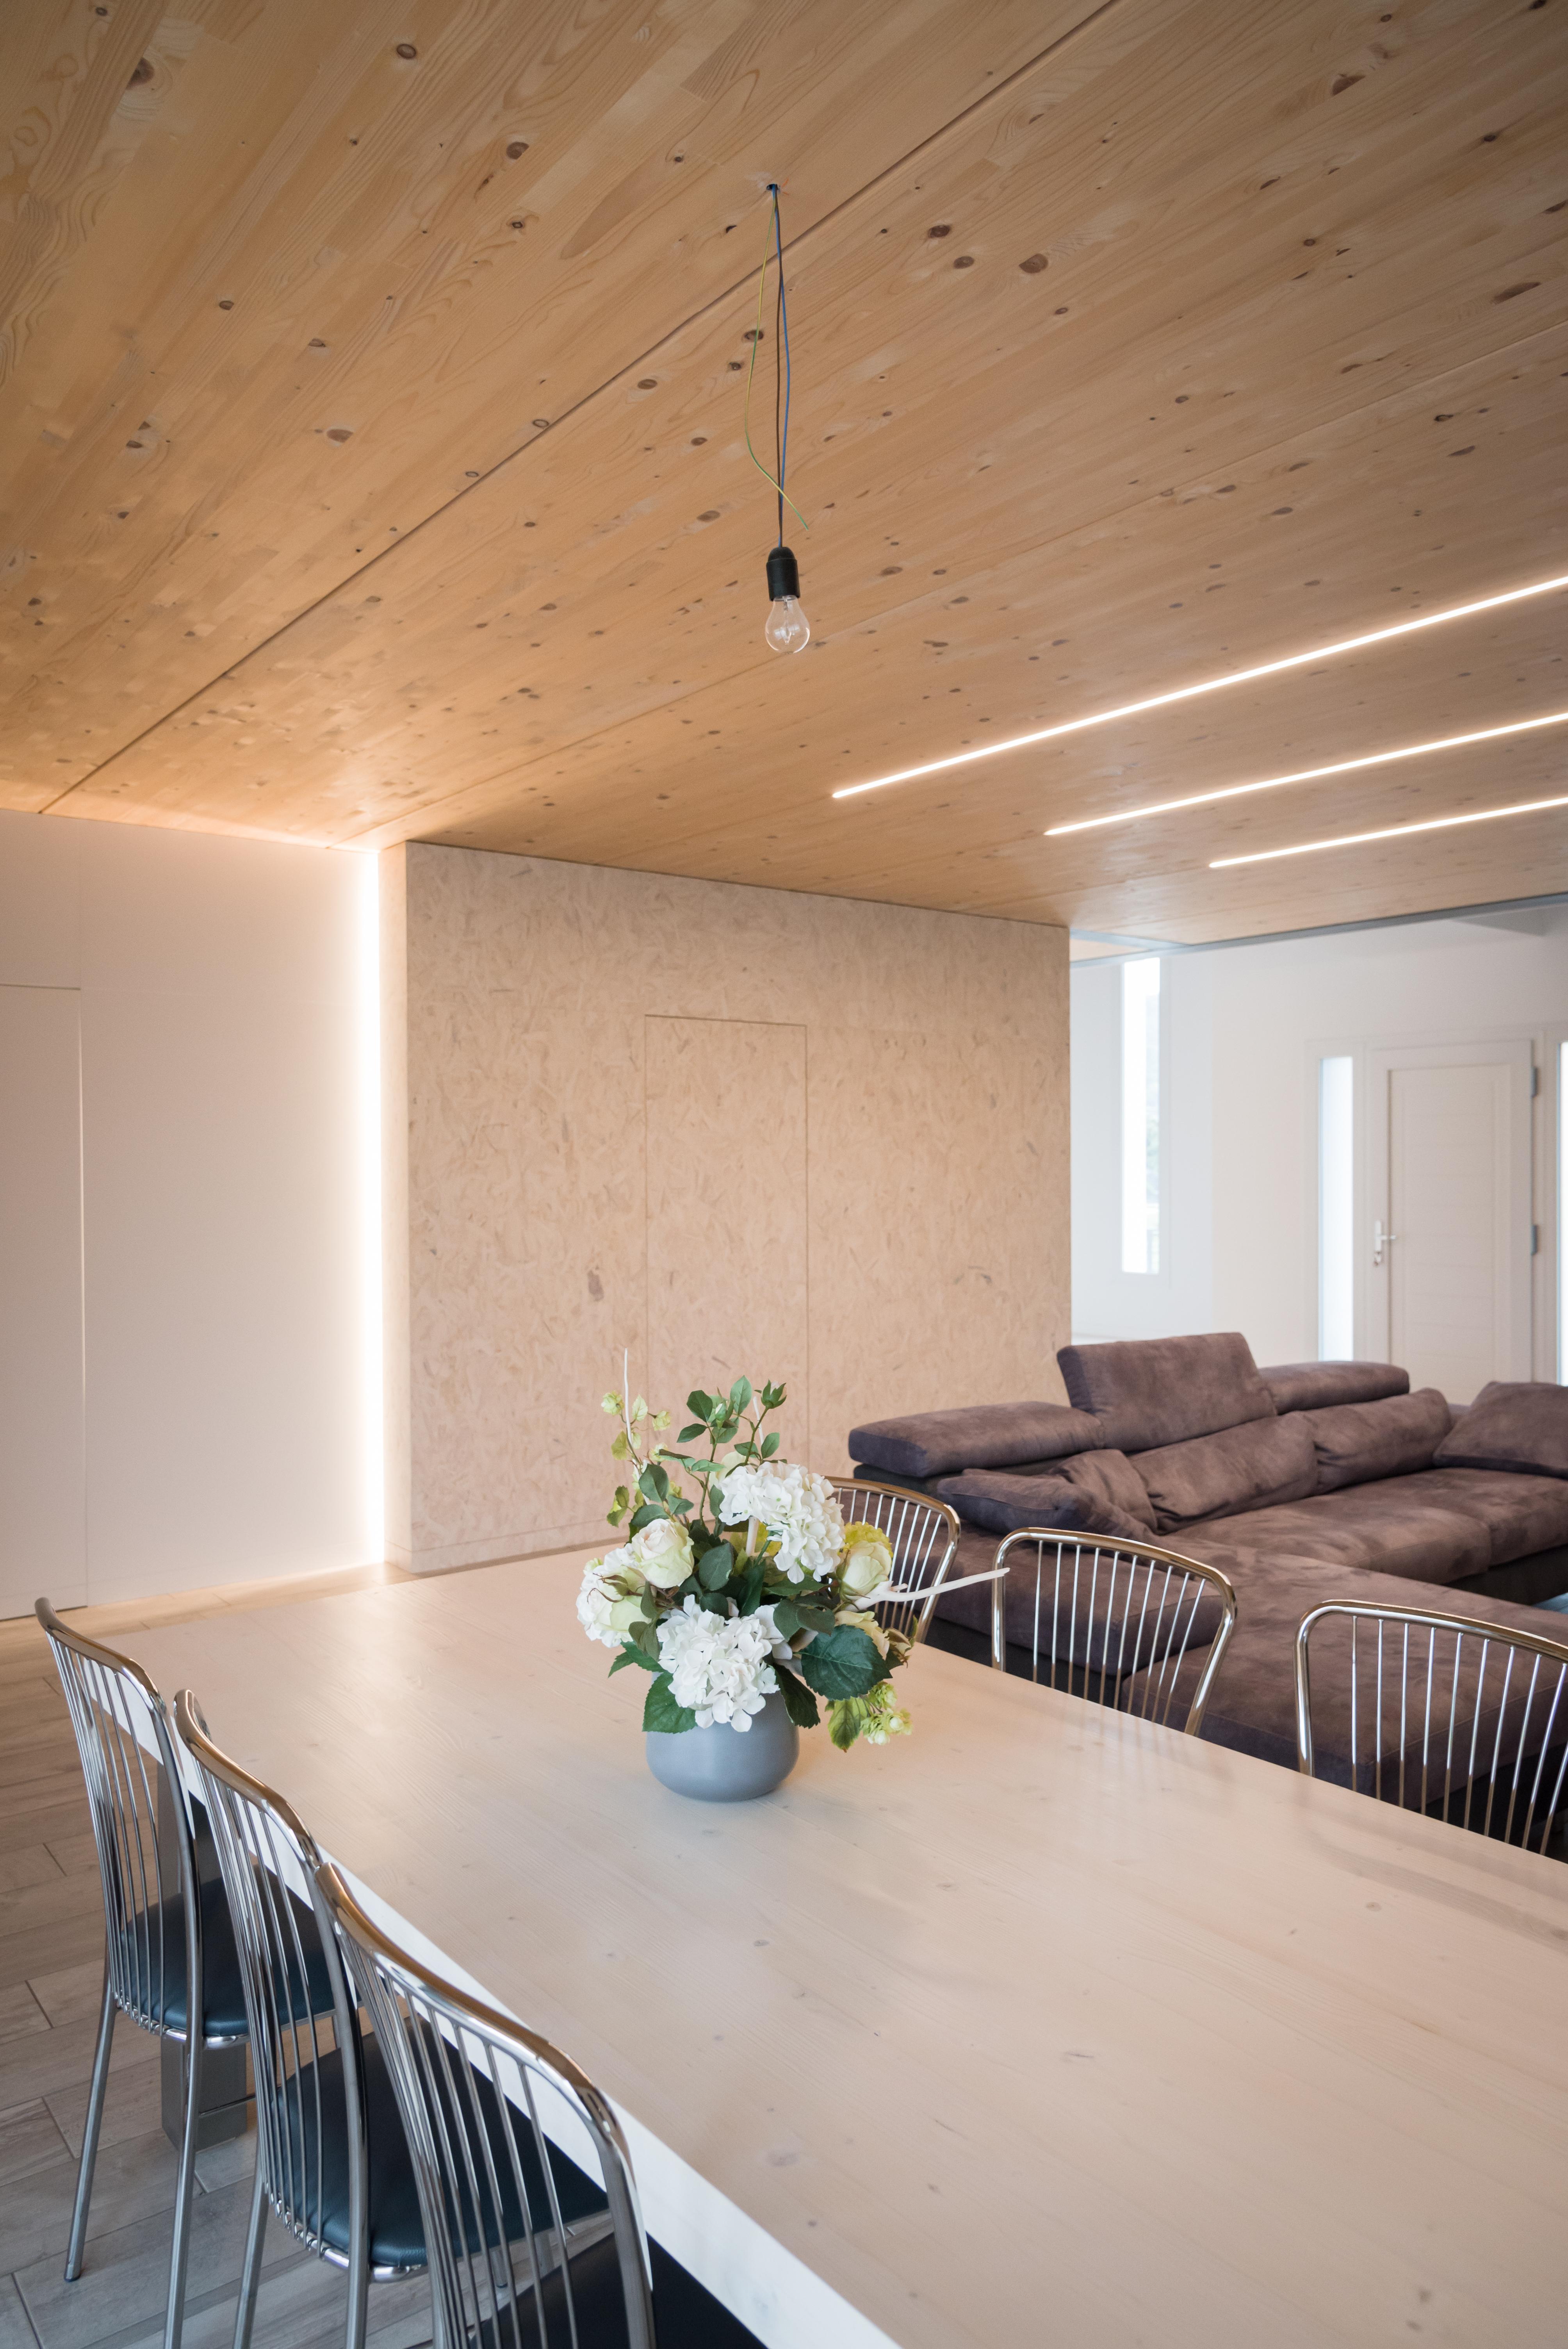 soffitti n legno di abete ESCAPE='HTML'